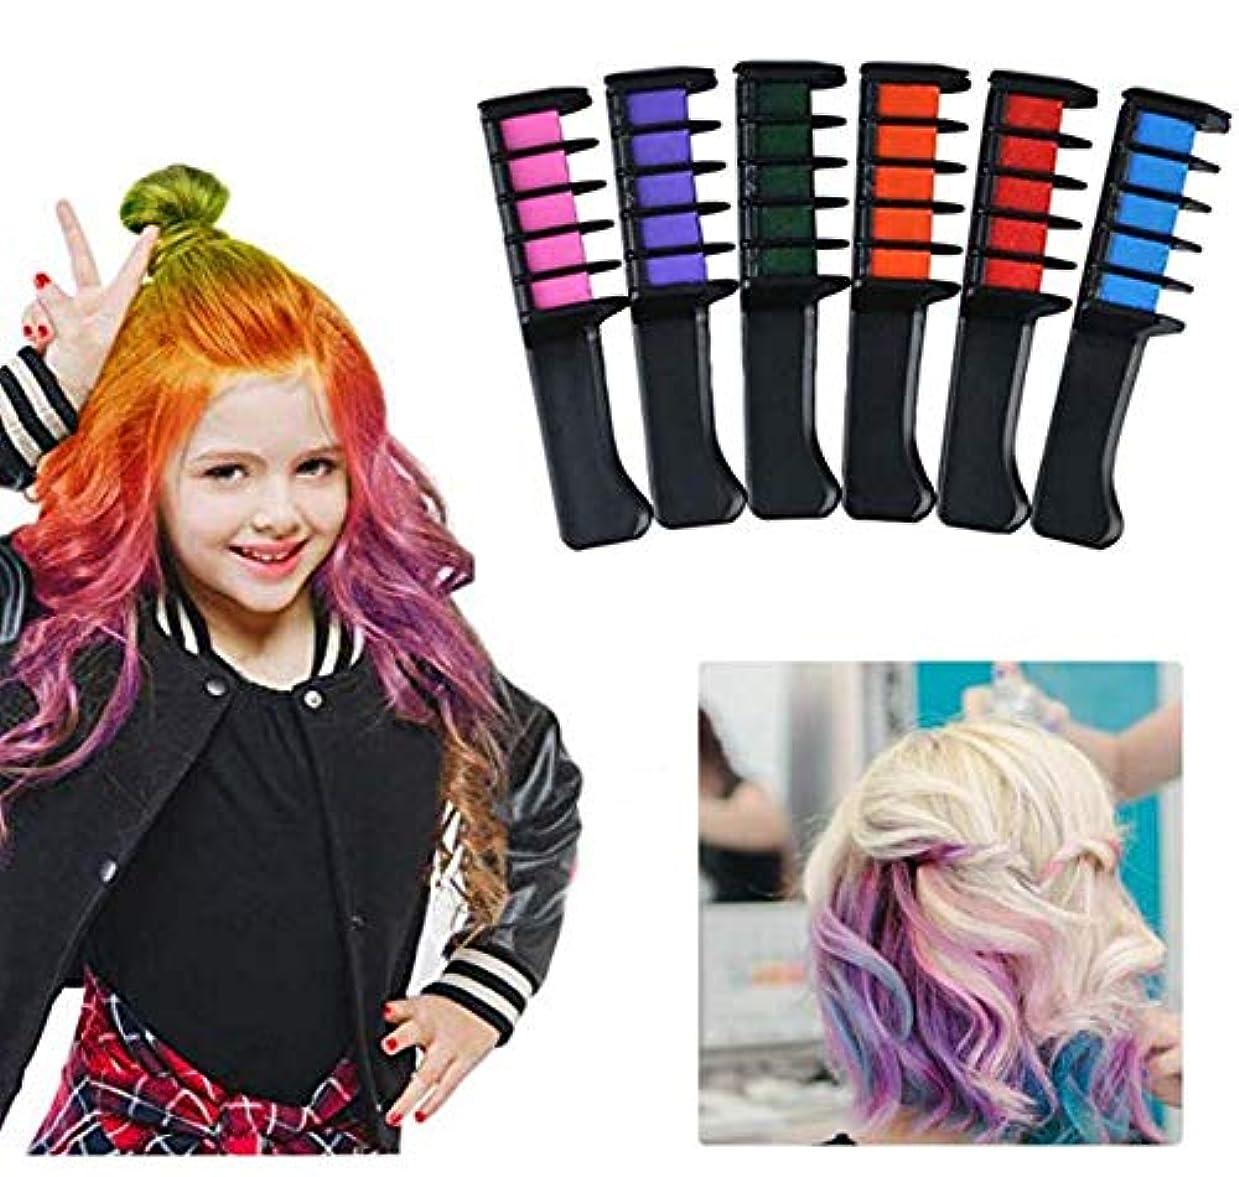 バイアス驚いたに負ける子供のための安全な非有毒な一時的な髪のチョークの櫛6色髪の色の櫛髪のチョークの櫛、女の子、パーティー、コスプレ